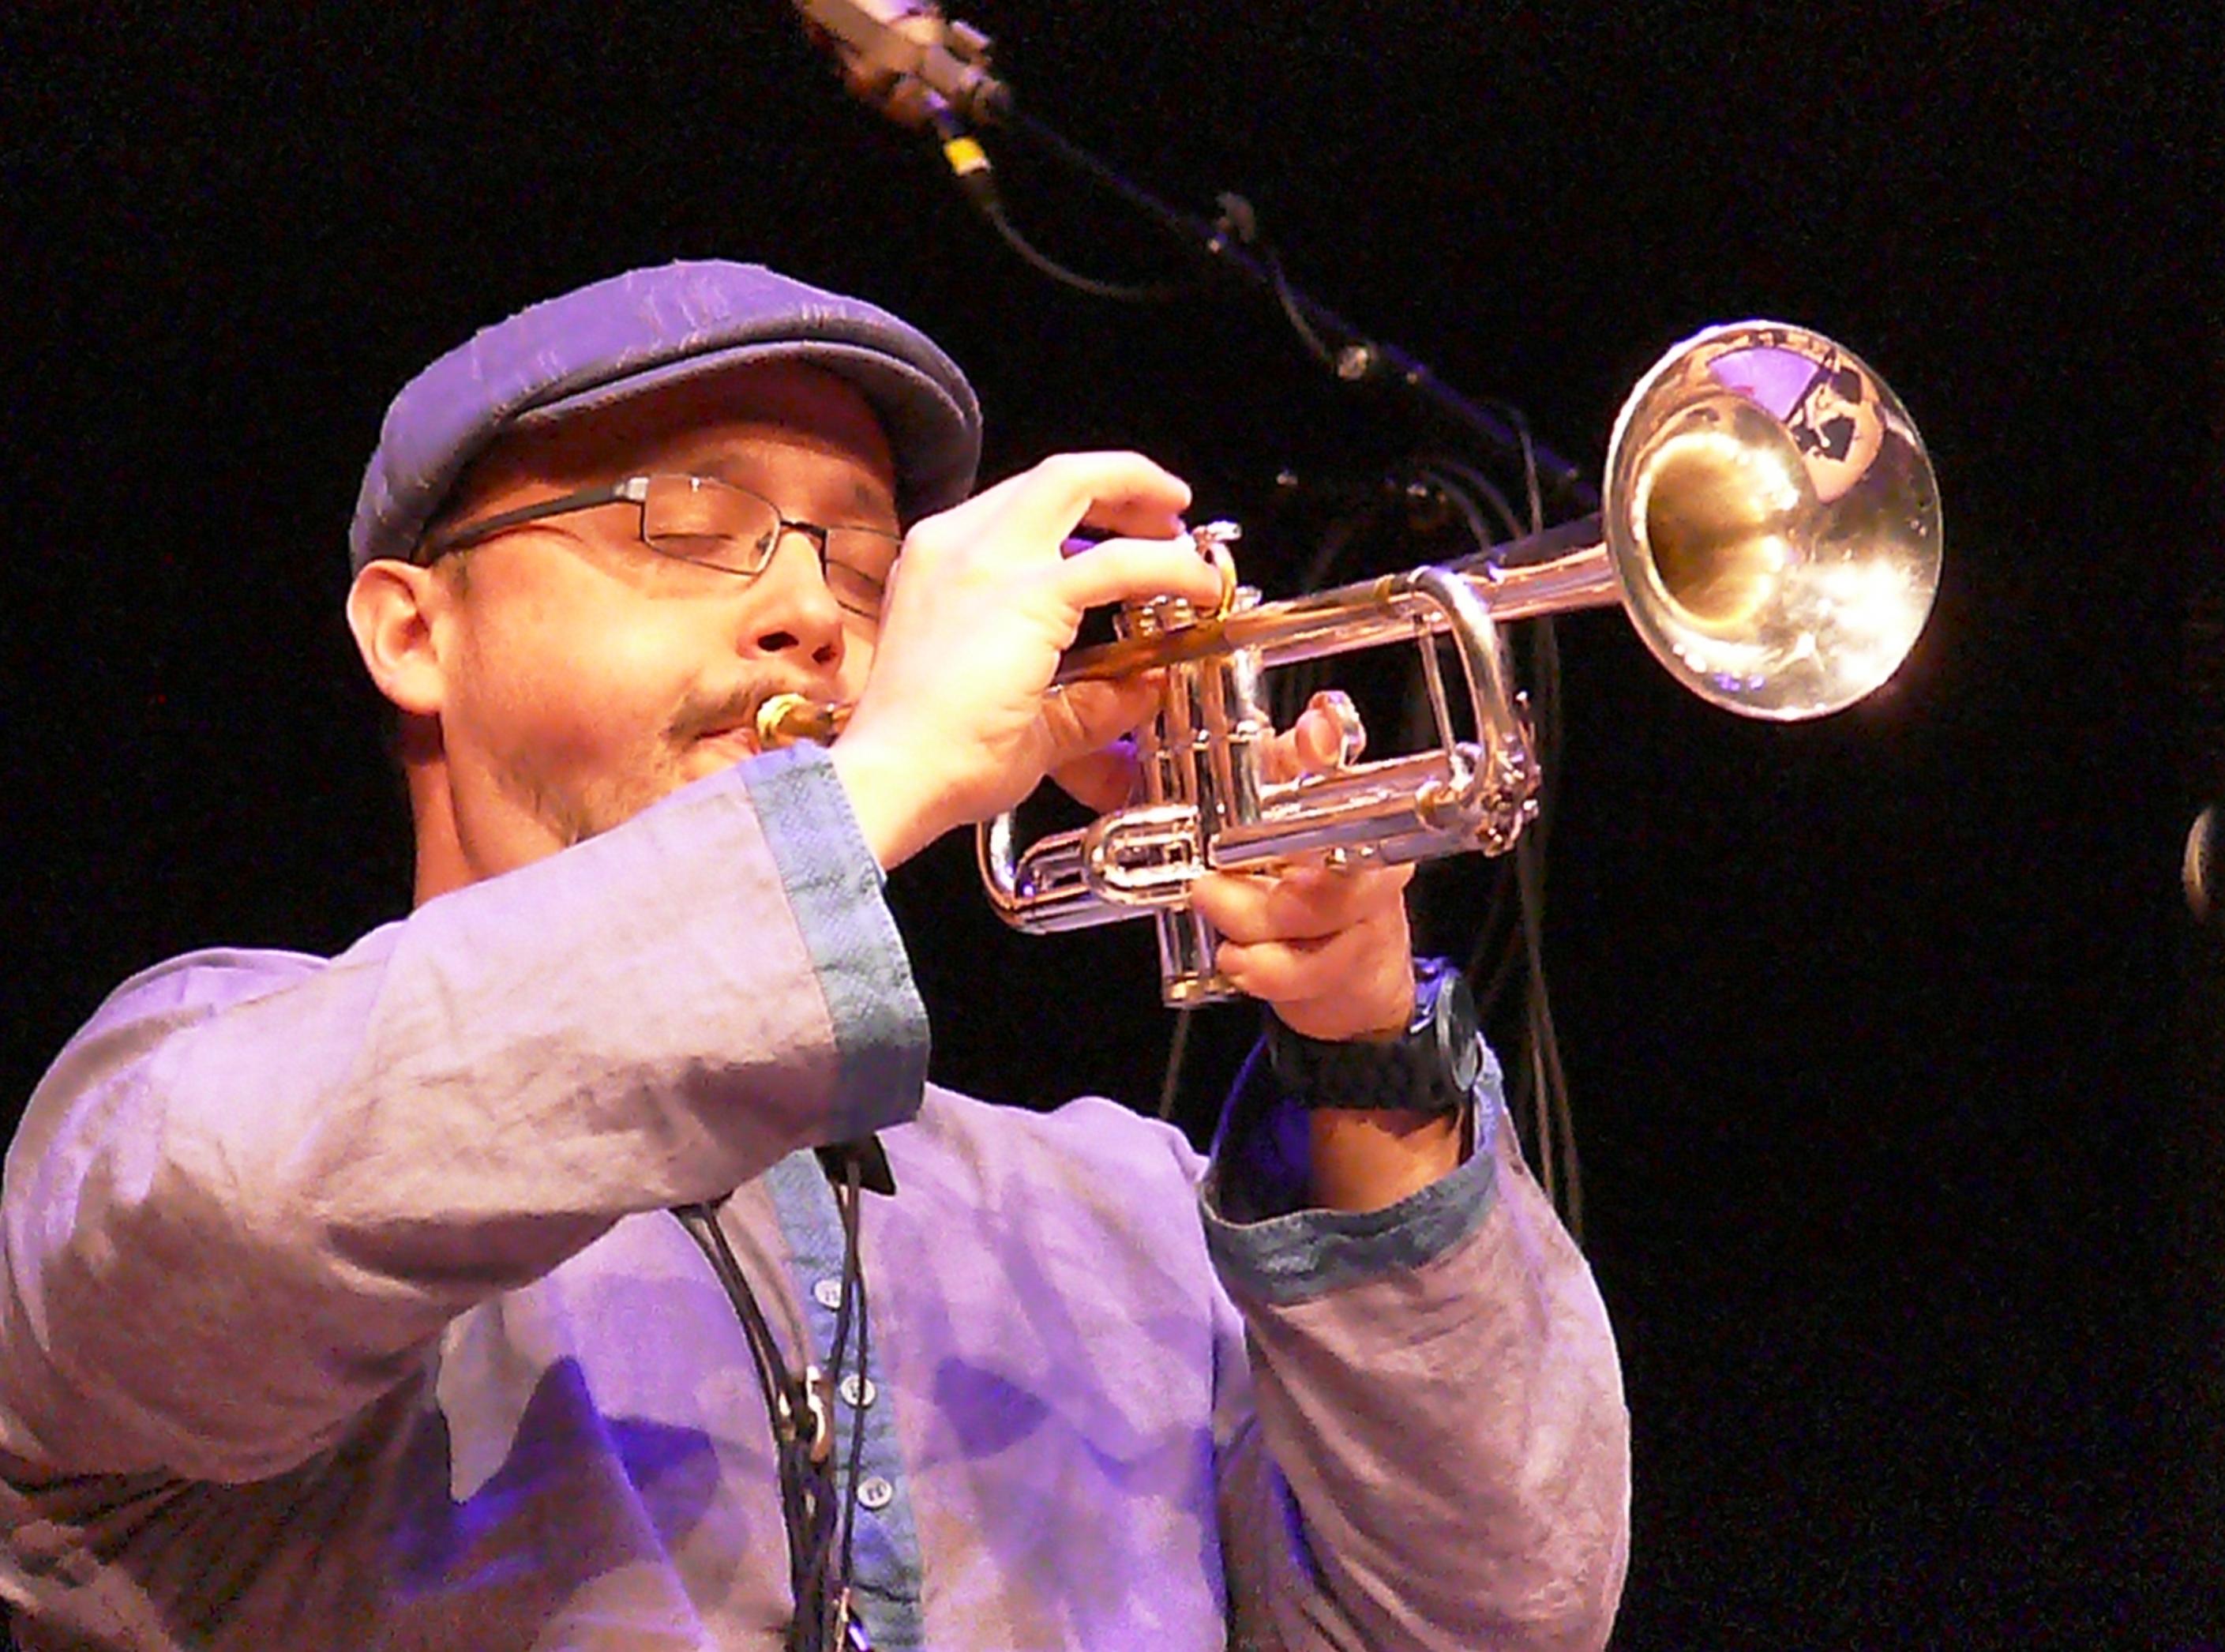 Matt lavelle at the vision festival, new york in june 2013